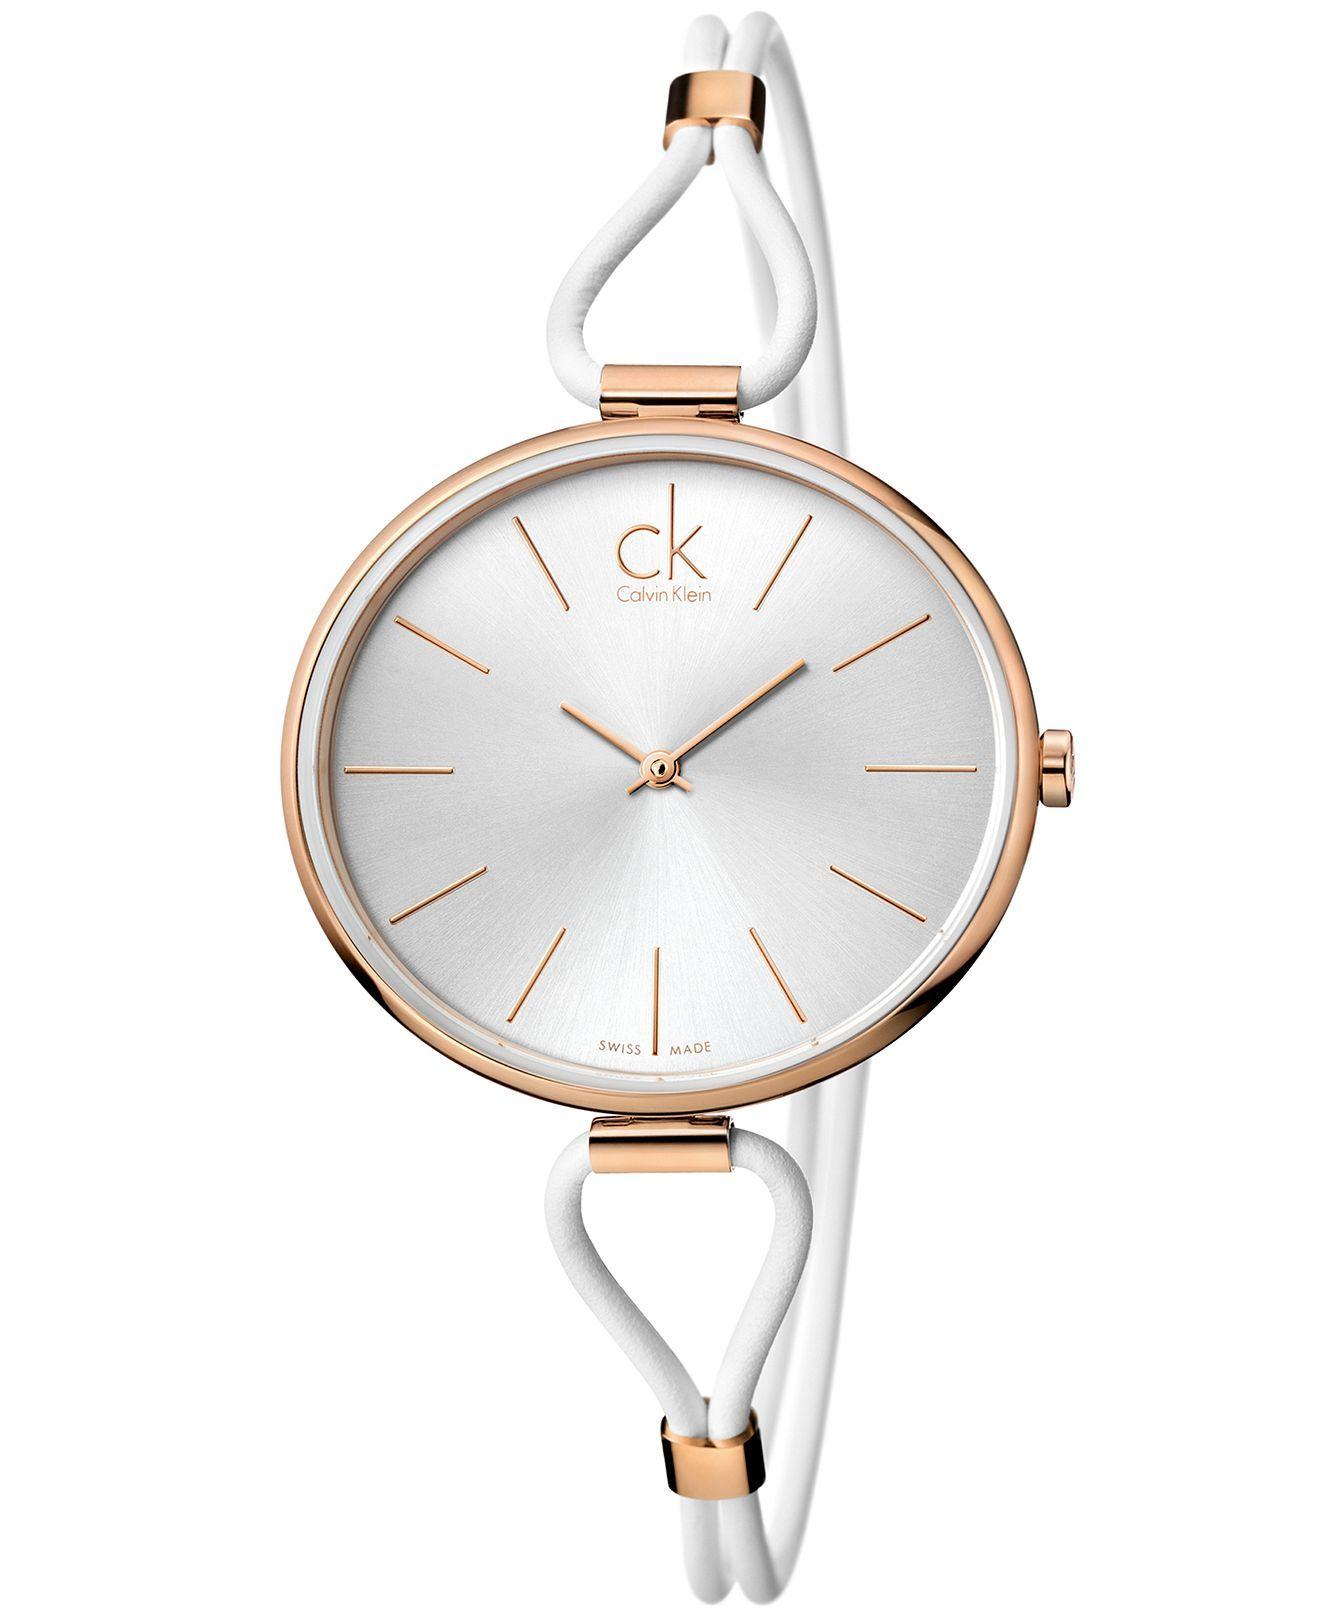 ck Calvin Klein Watch 1dab62813af8